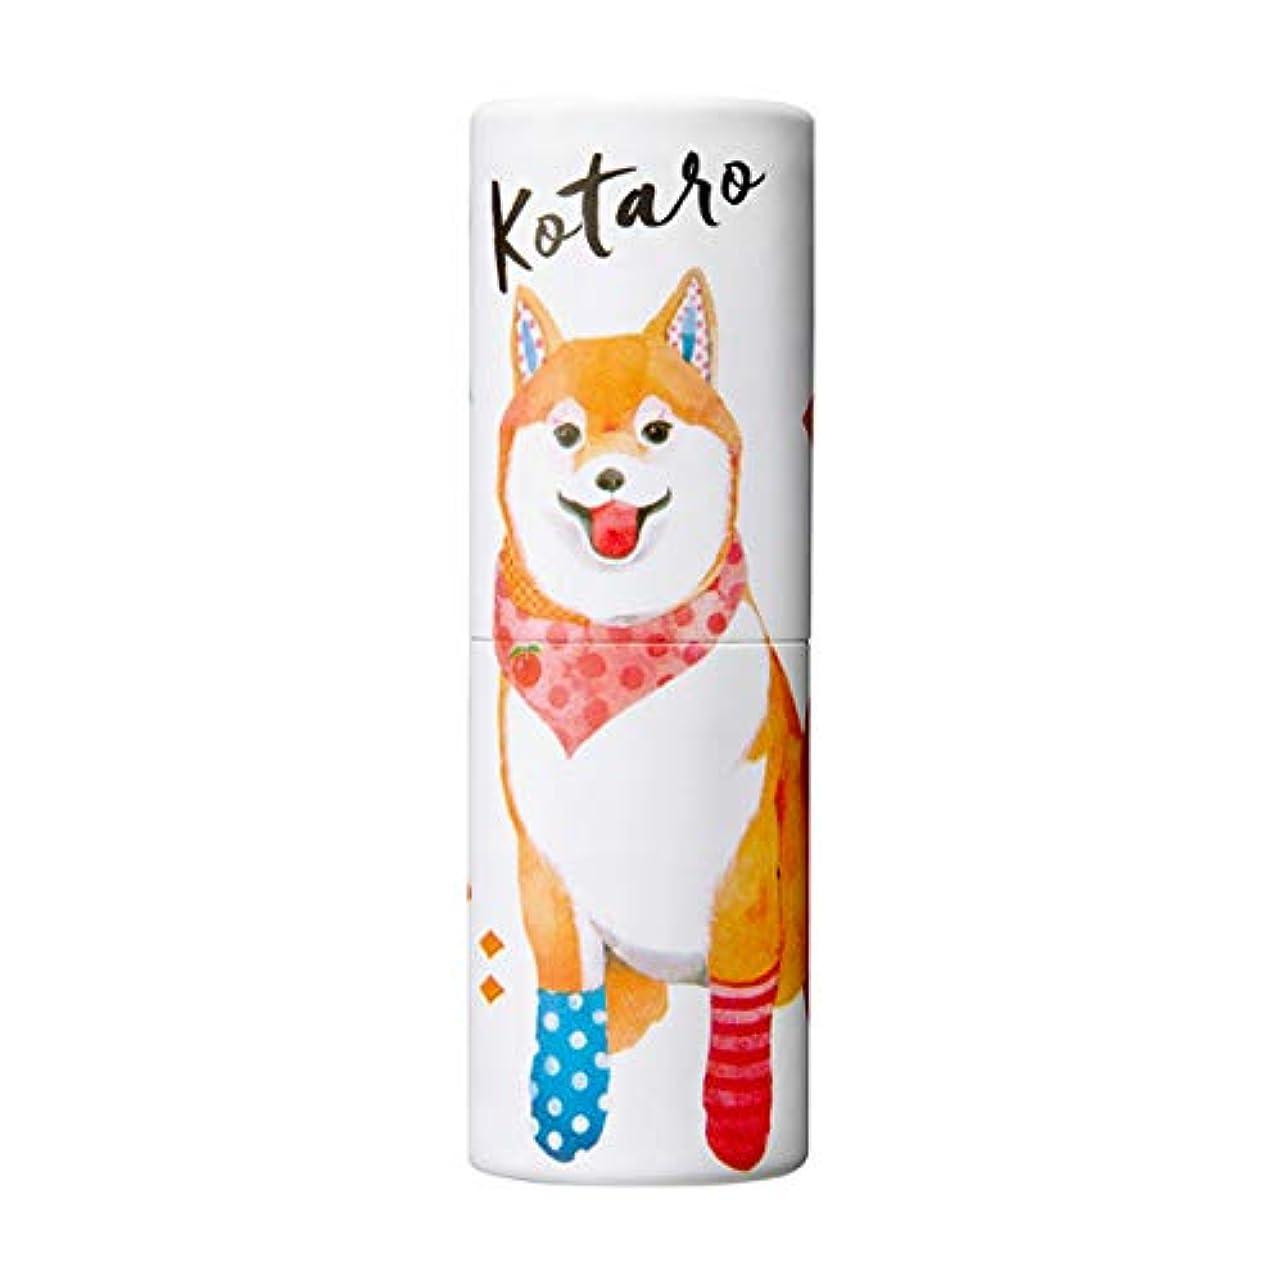 トーク寛大な素朴なヴァシリーサ パフュームスティック コタロー 柴犬 練り香水 5g